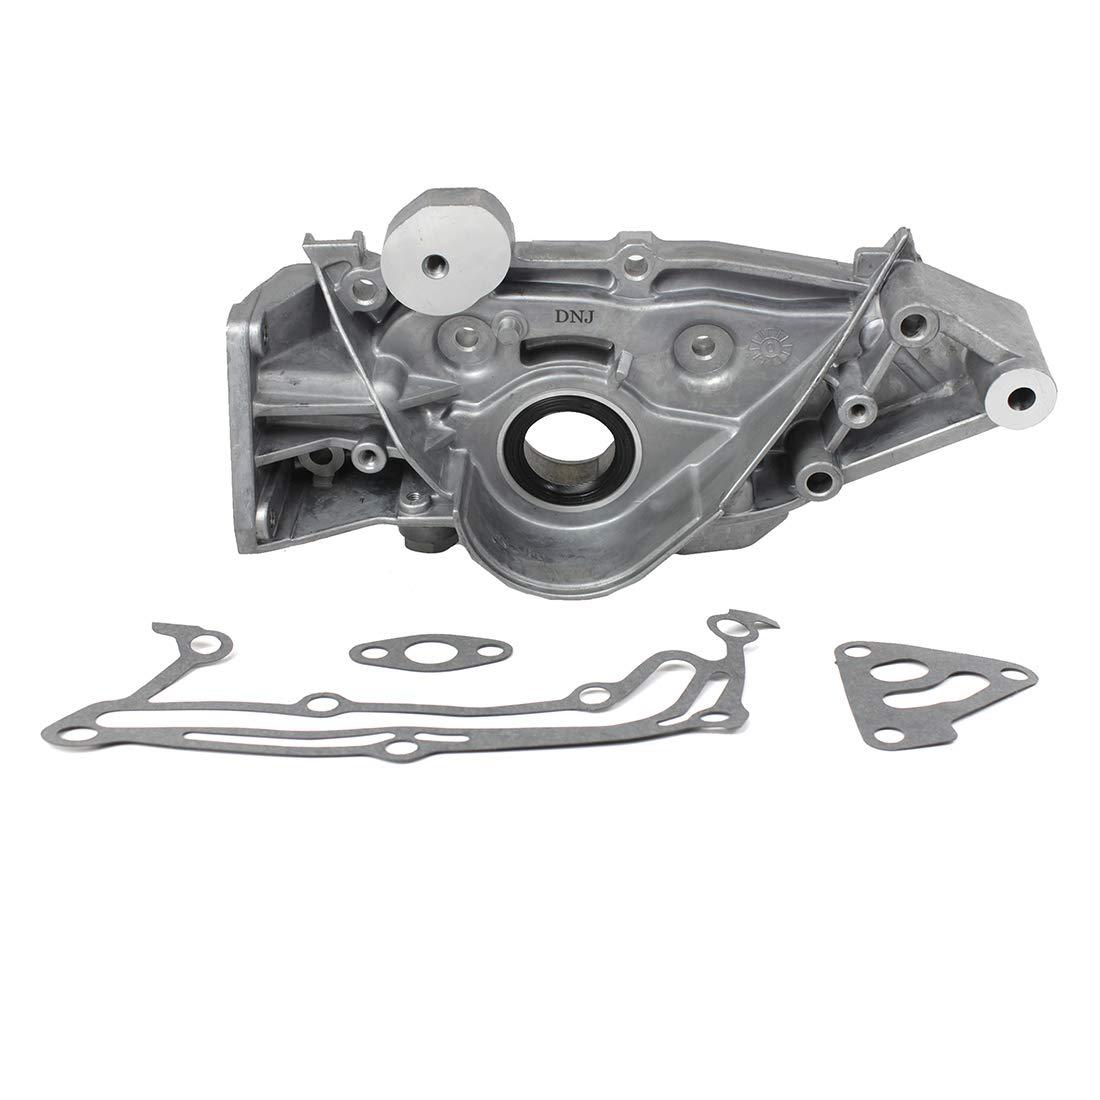 DNJ Oil Pump OP126A for 93-99 Mitsubishi Dodge 3.0L V6 DOHC 24v 6G72 Cu. 181